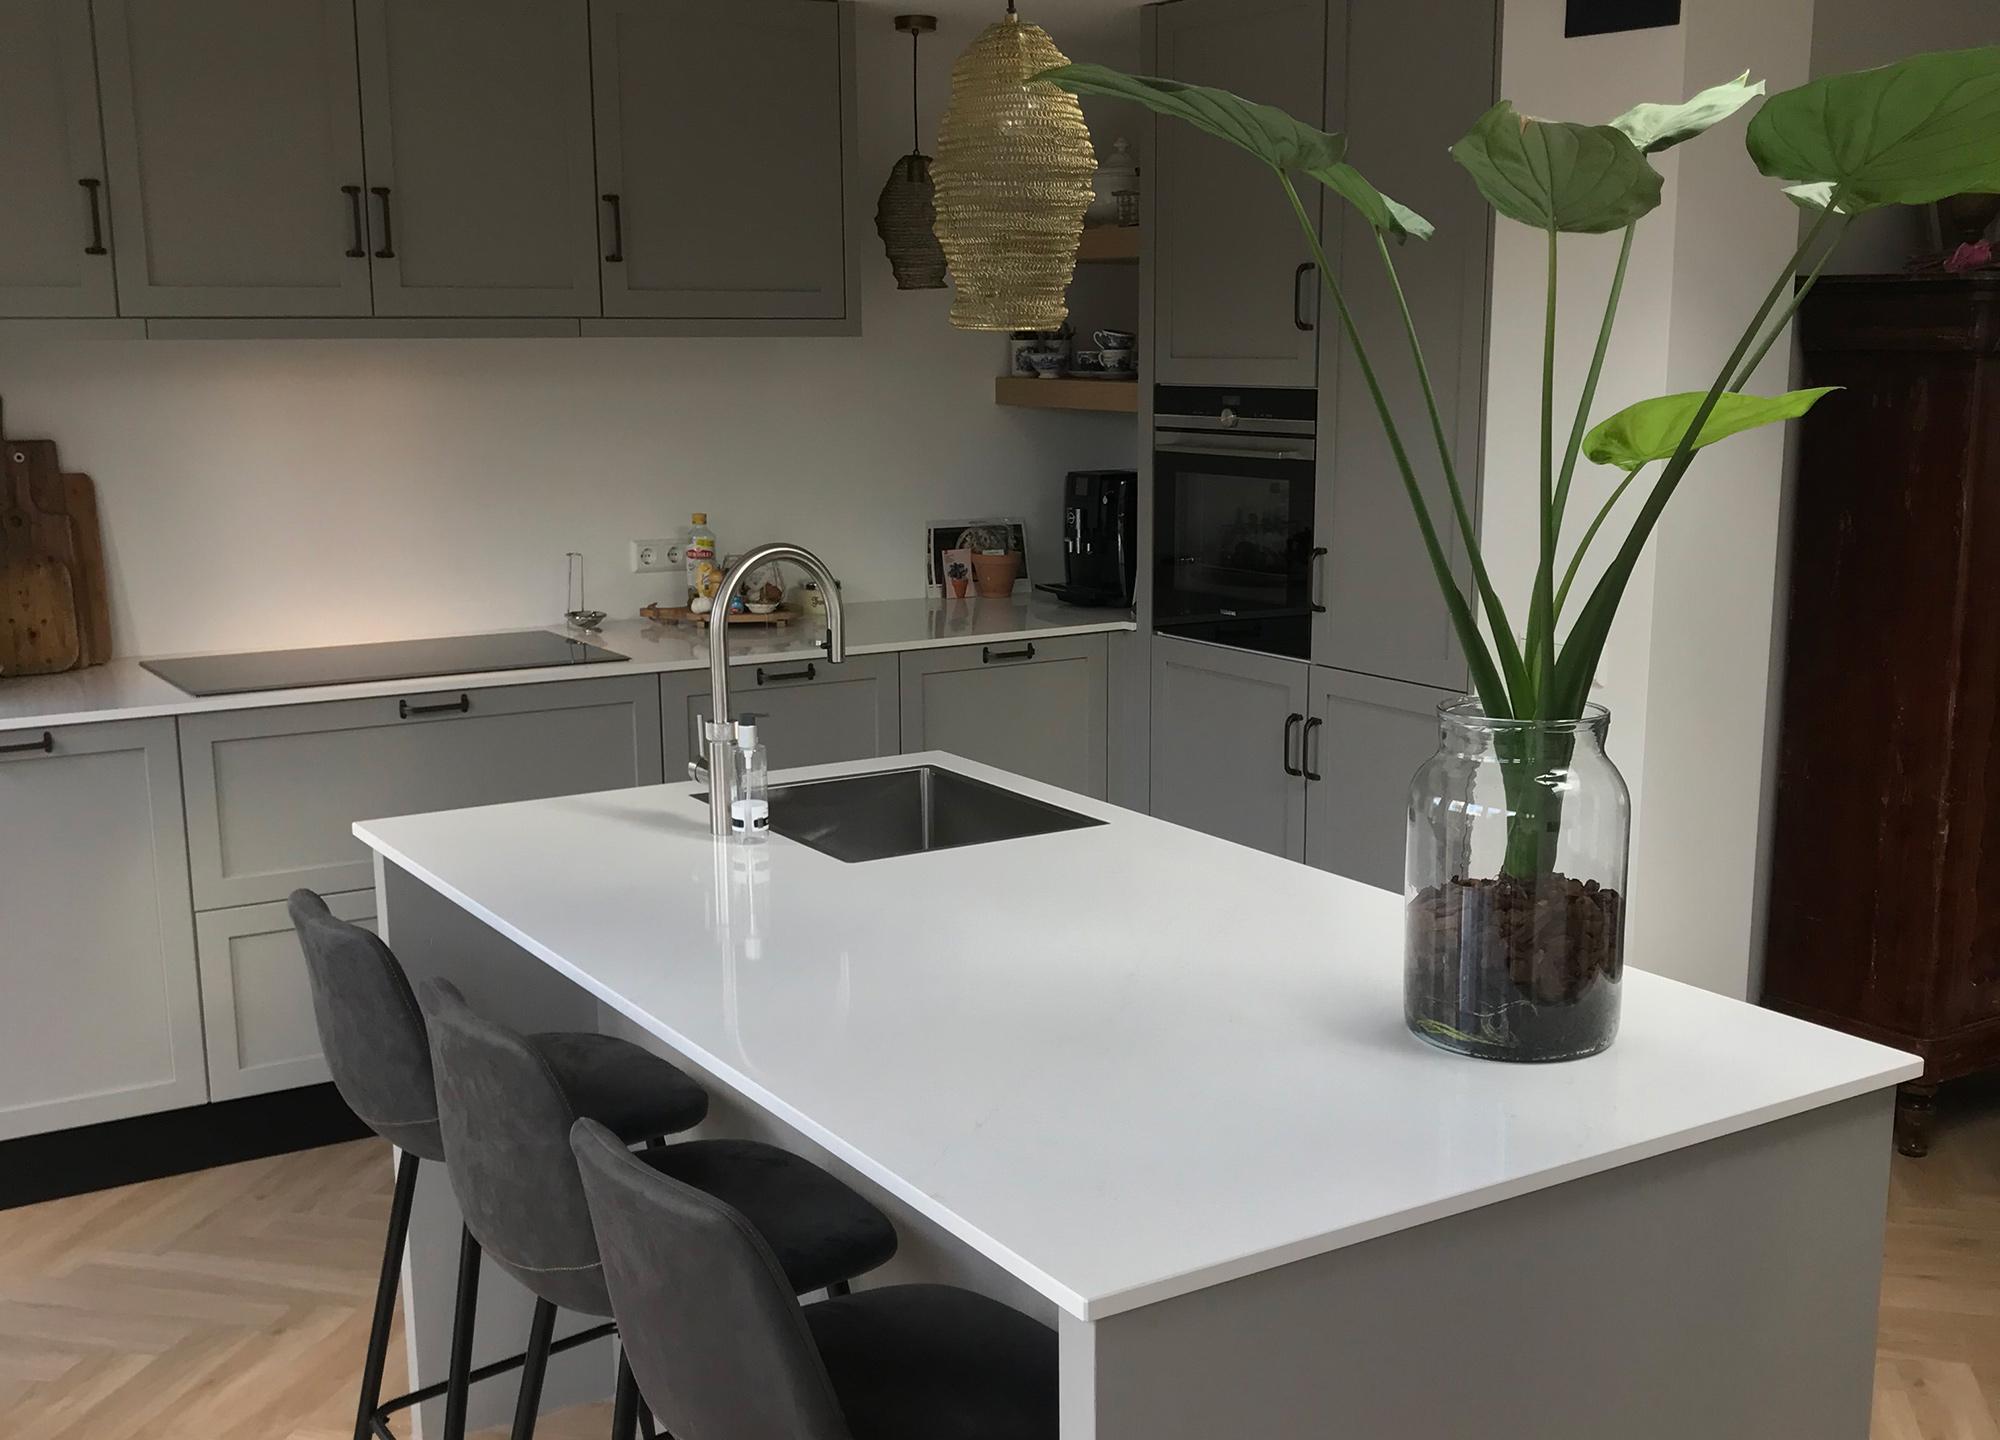 Wonderbaarlijk Moderne grijze keuken met wit blad - Verkerk Interieurbouw IP-89